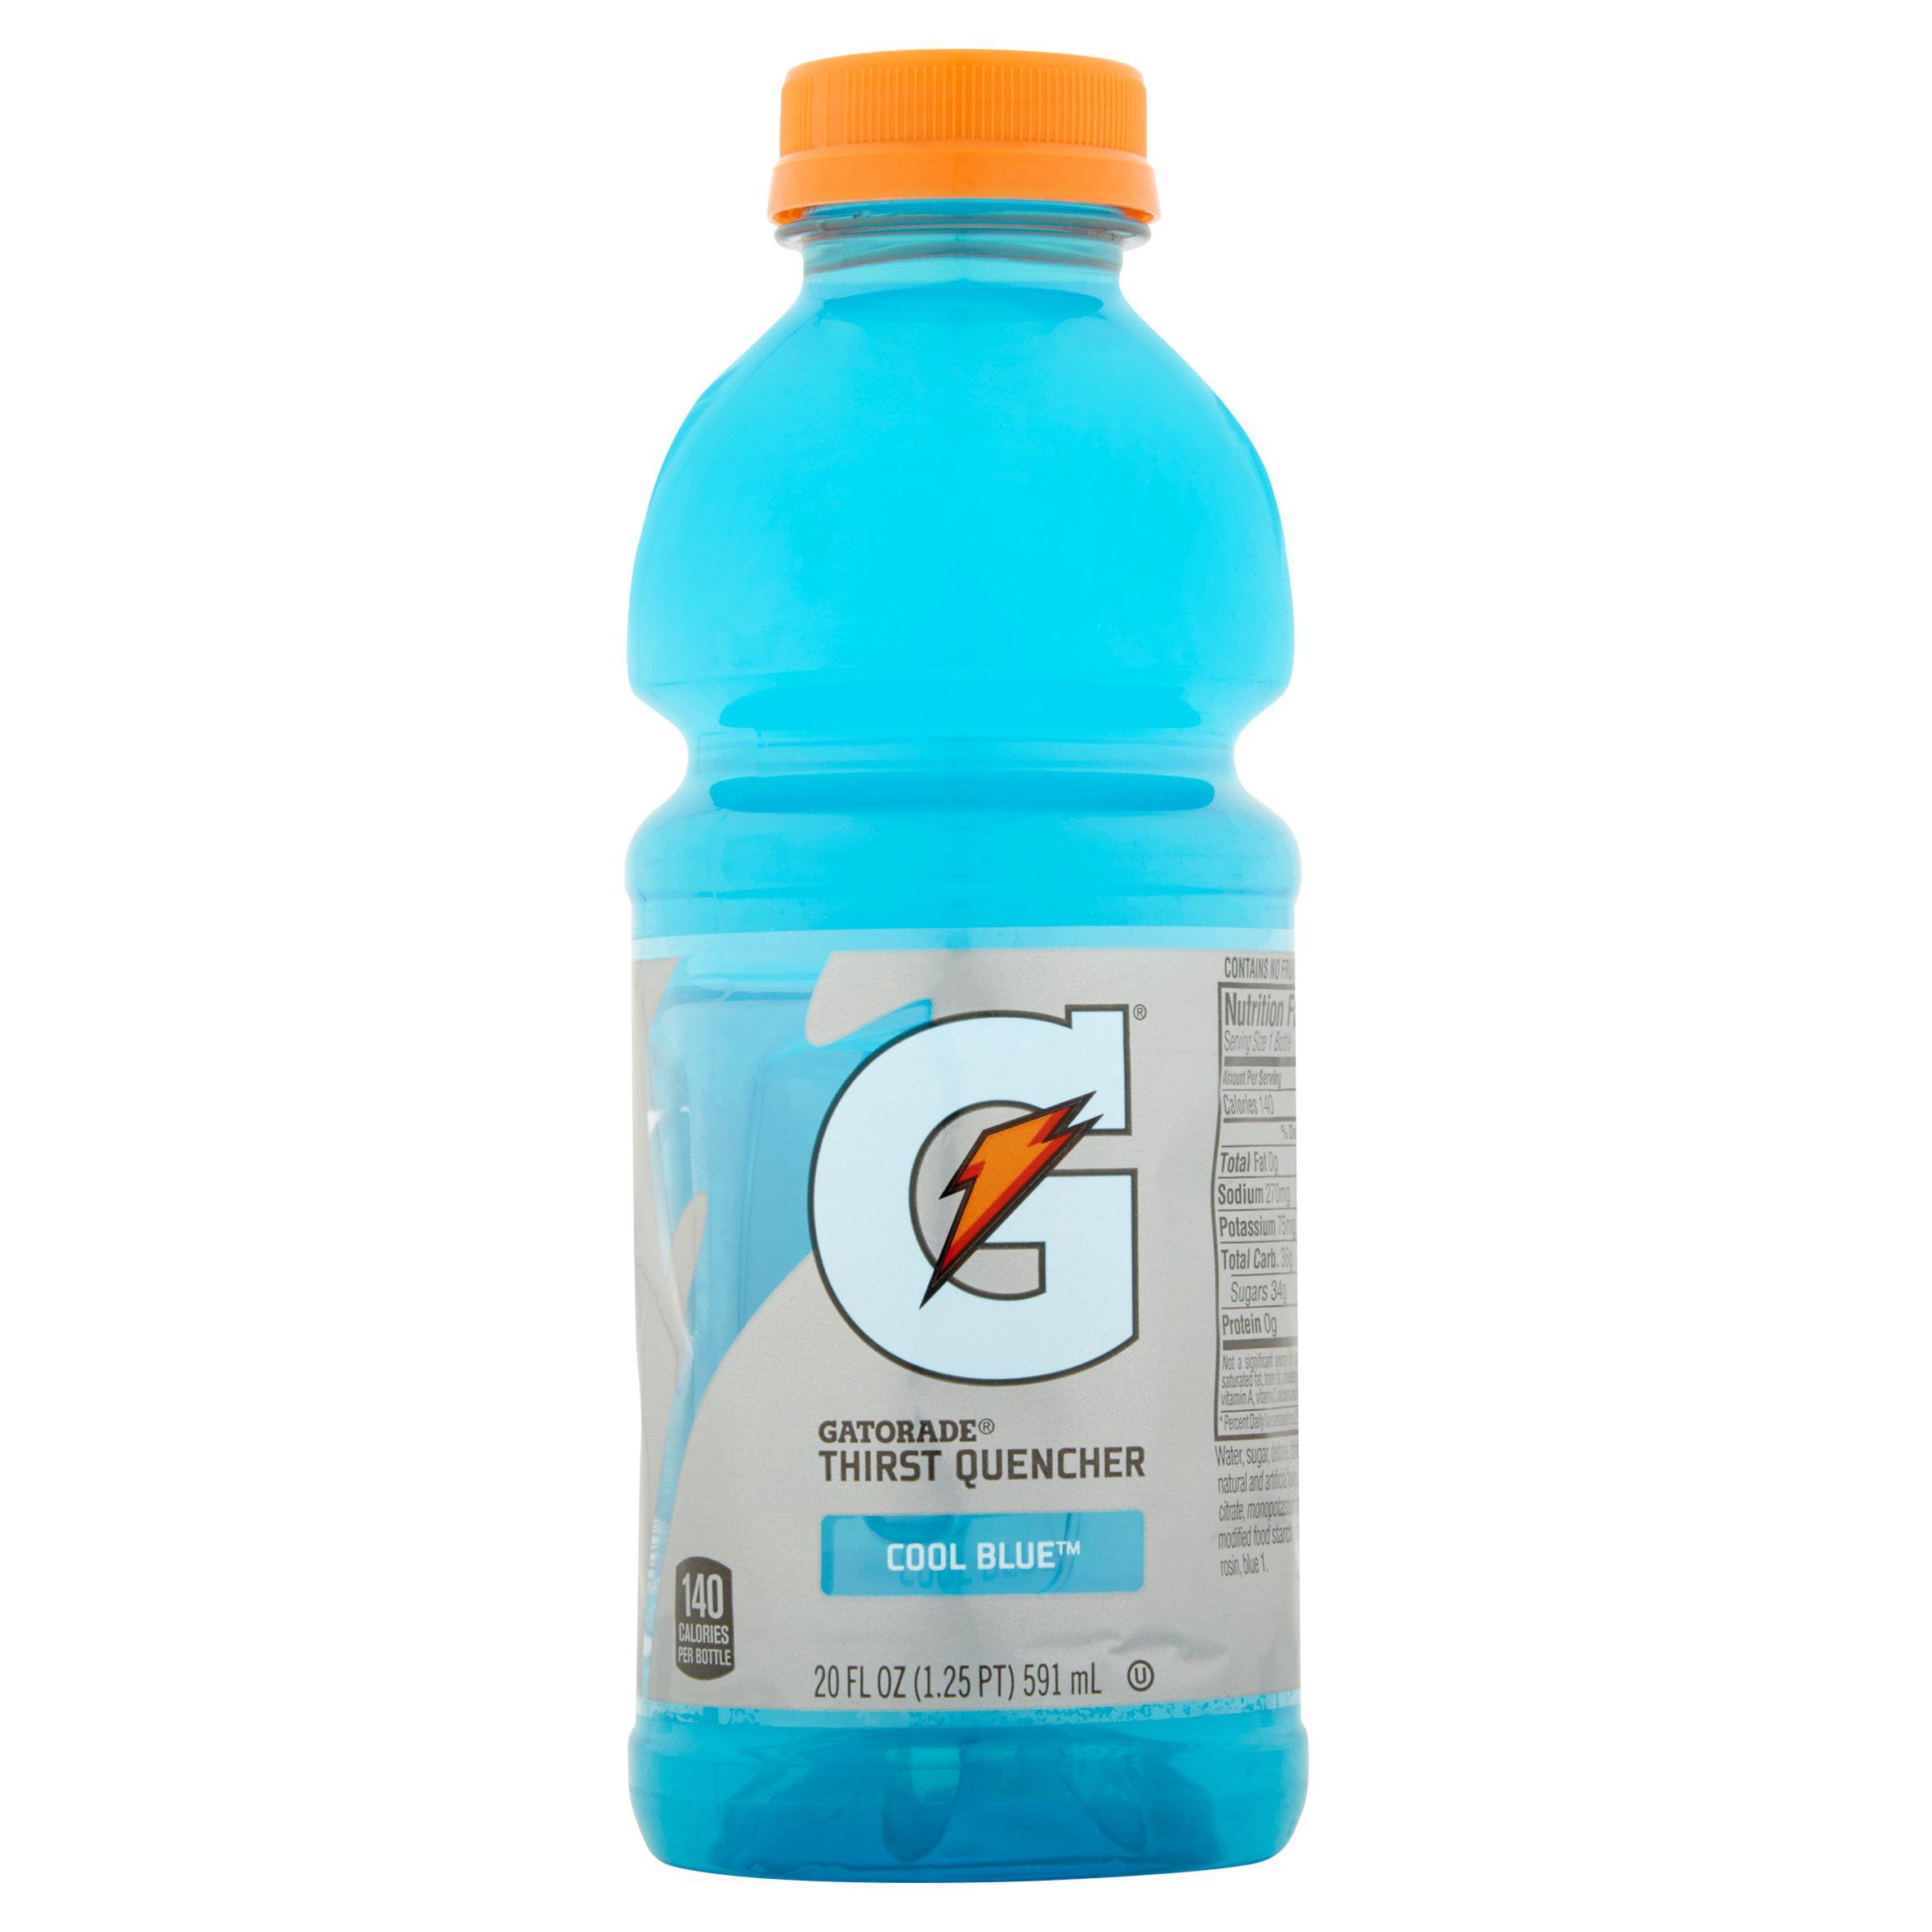 Gatorade Thirst Quencher Sports Drink, Cool Blue, 20 Fl Oz